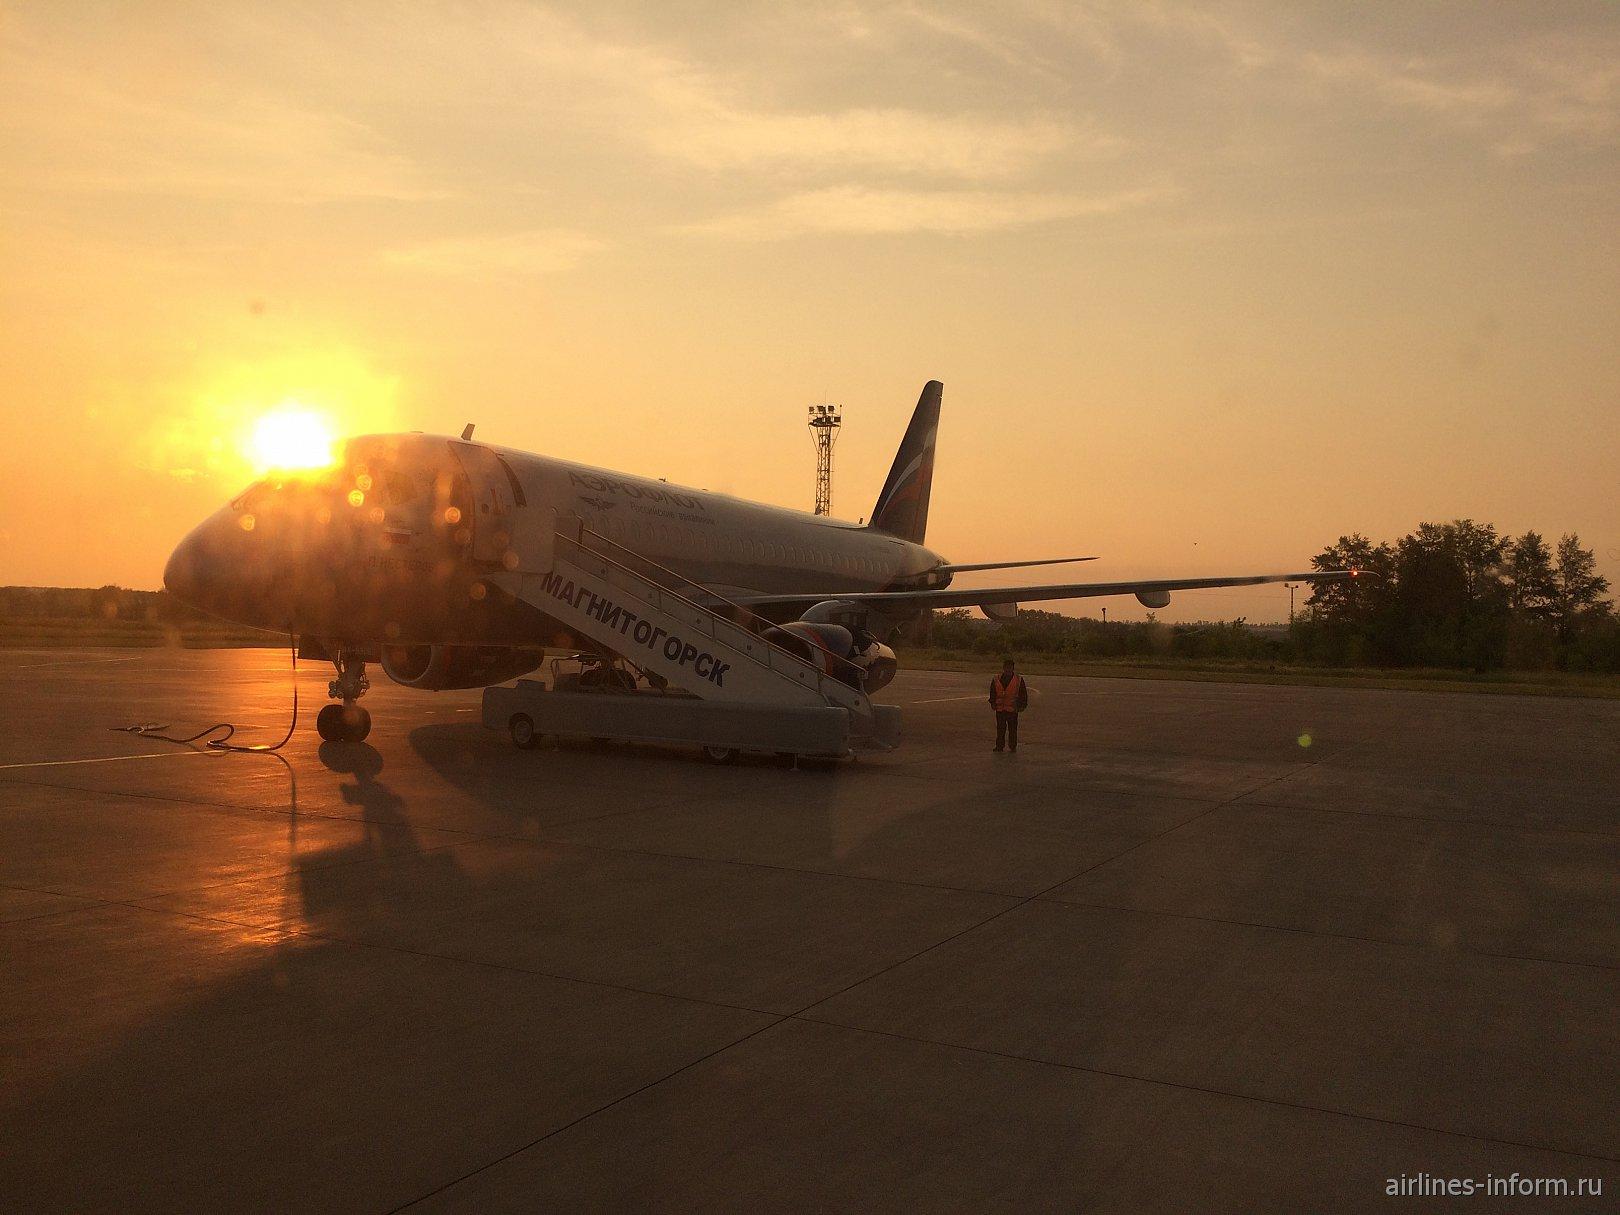 Кипрские каникулы. Часть первая. Магнитогорск - Москва